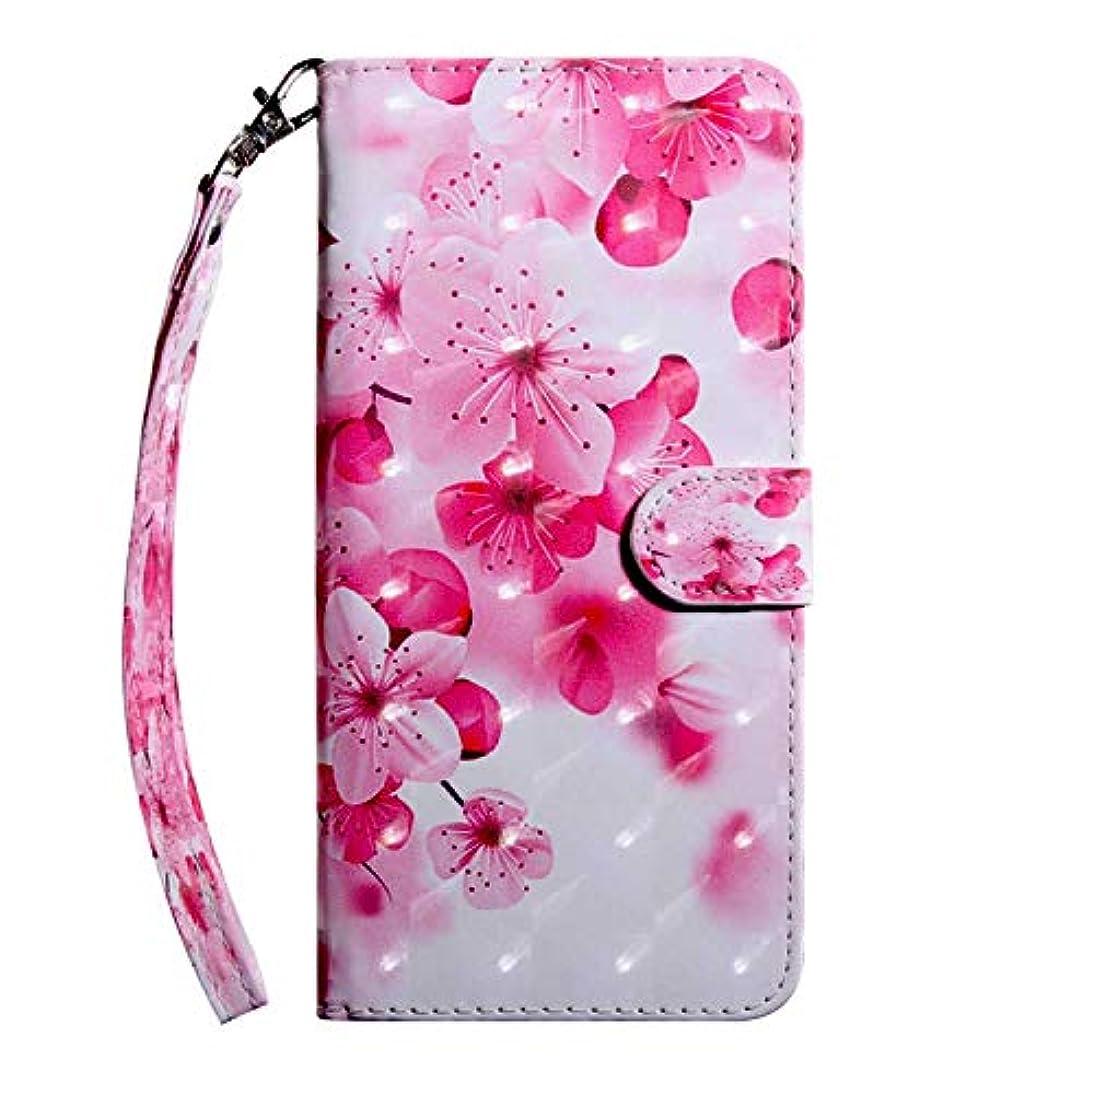 マイコン報酬の徹底CUSKING Sony Xperia XA2 ケース 手帳型 財布型カバー Sony Xperia XA2 スマホカバー 磁気バックル カード収納 スタンド機能 エクスペリア レザーケース –さくら